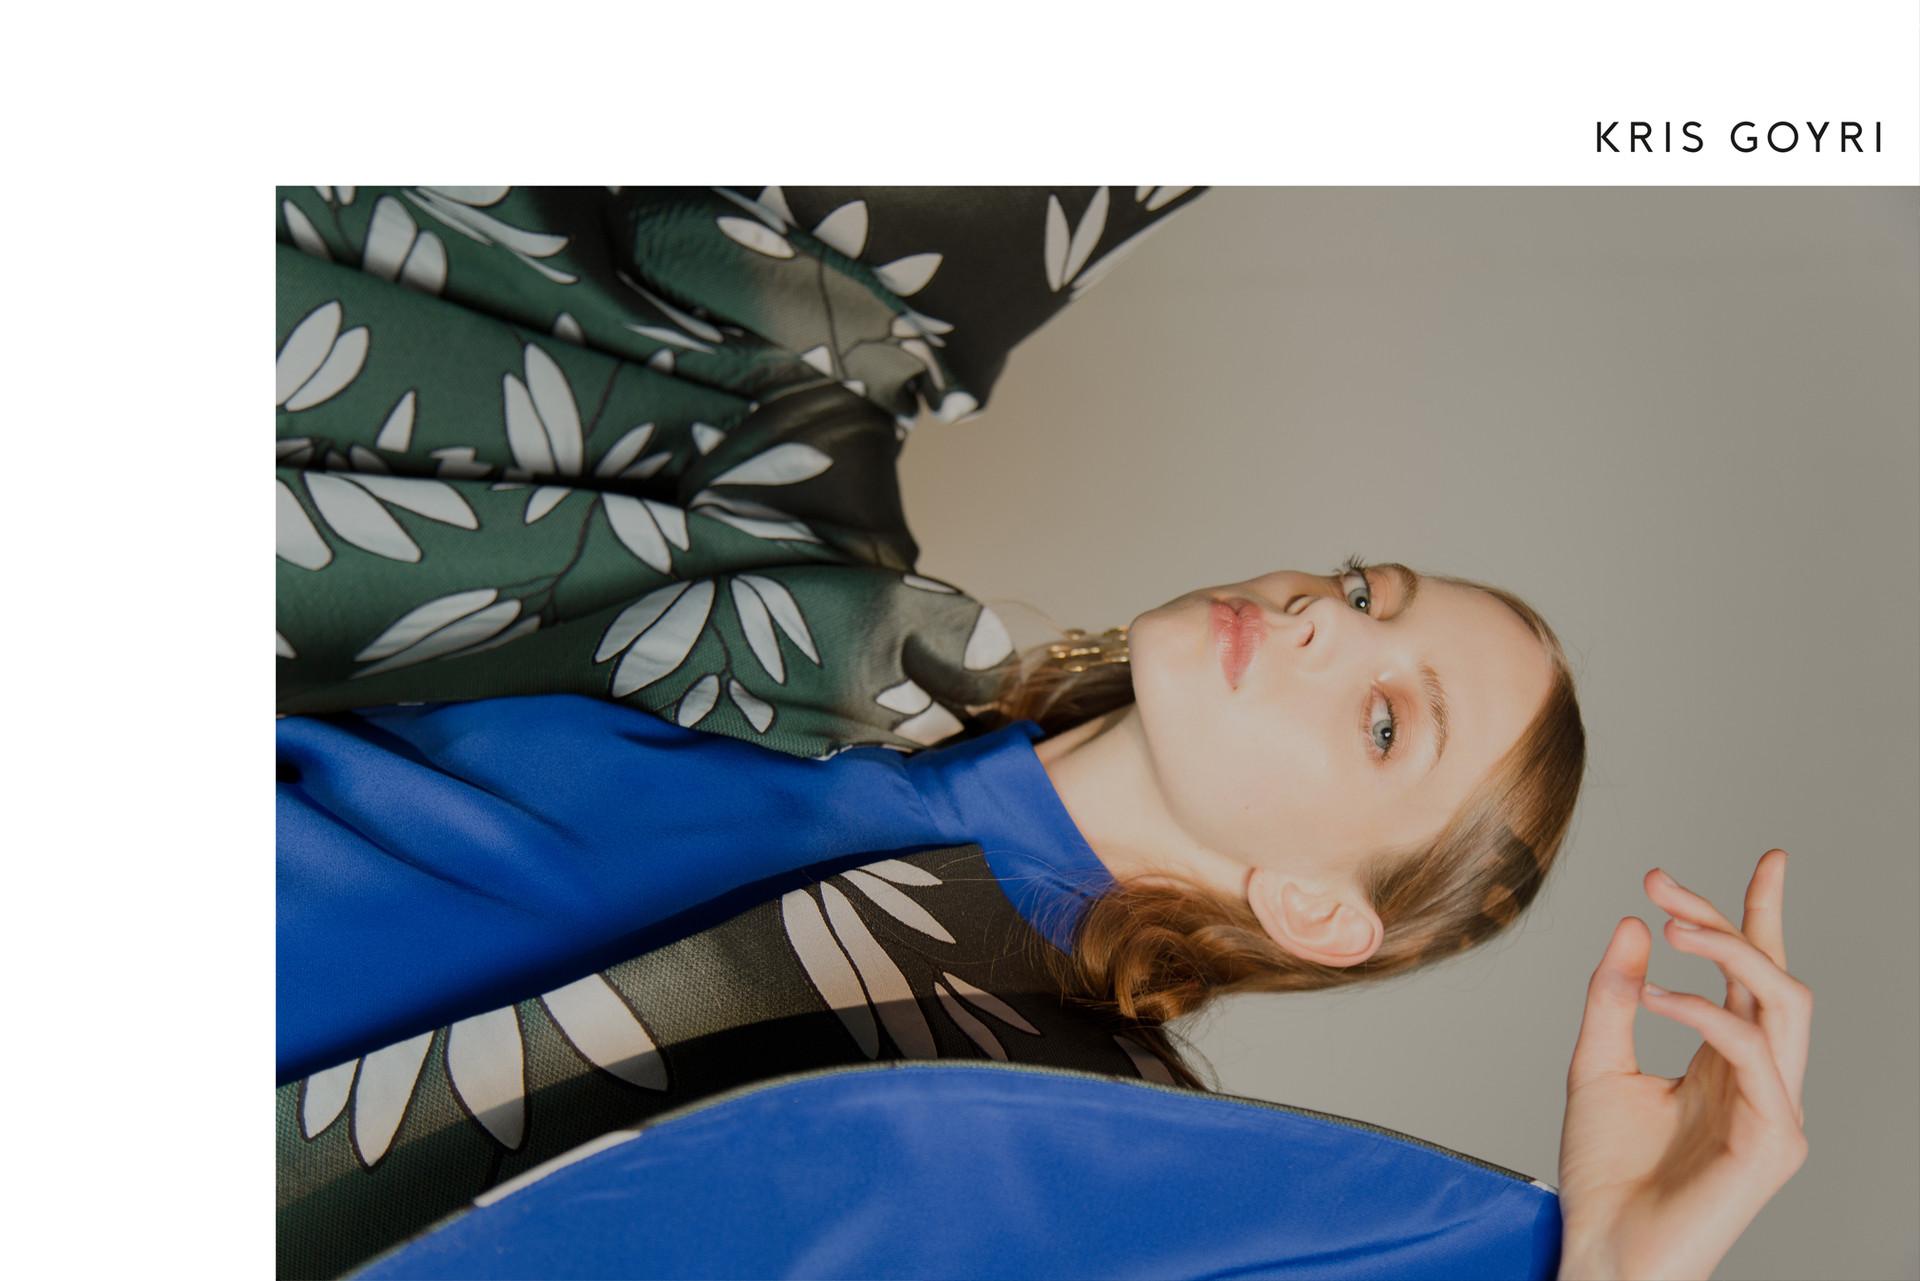 Kris Goyri AD Campaign by khristio 04.jpg